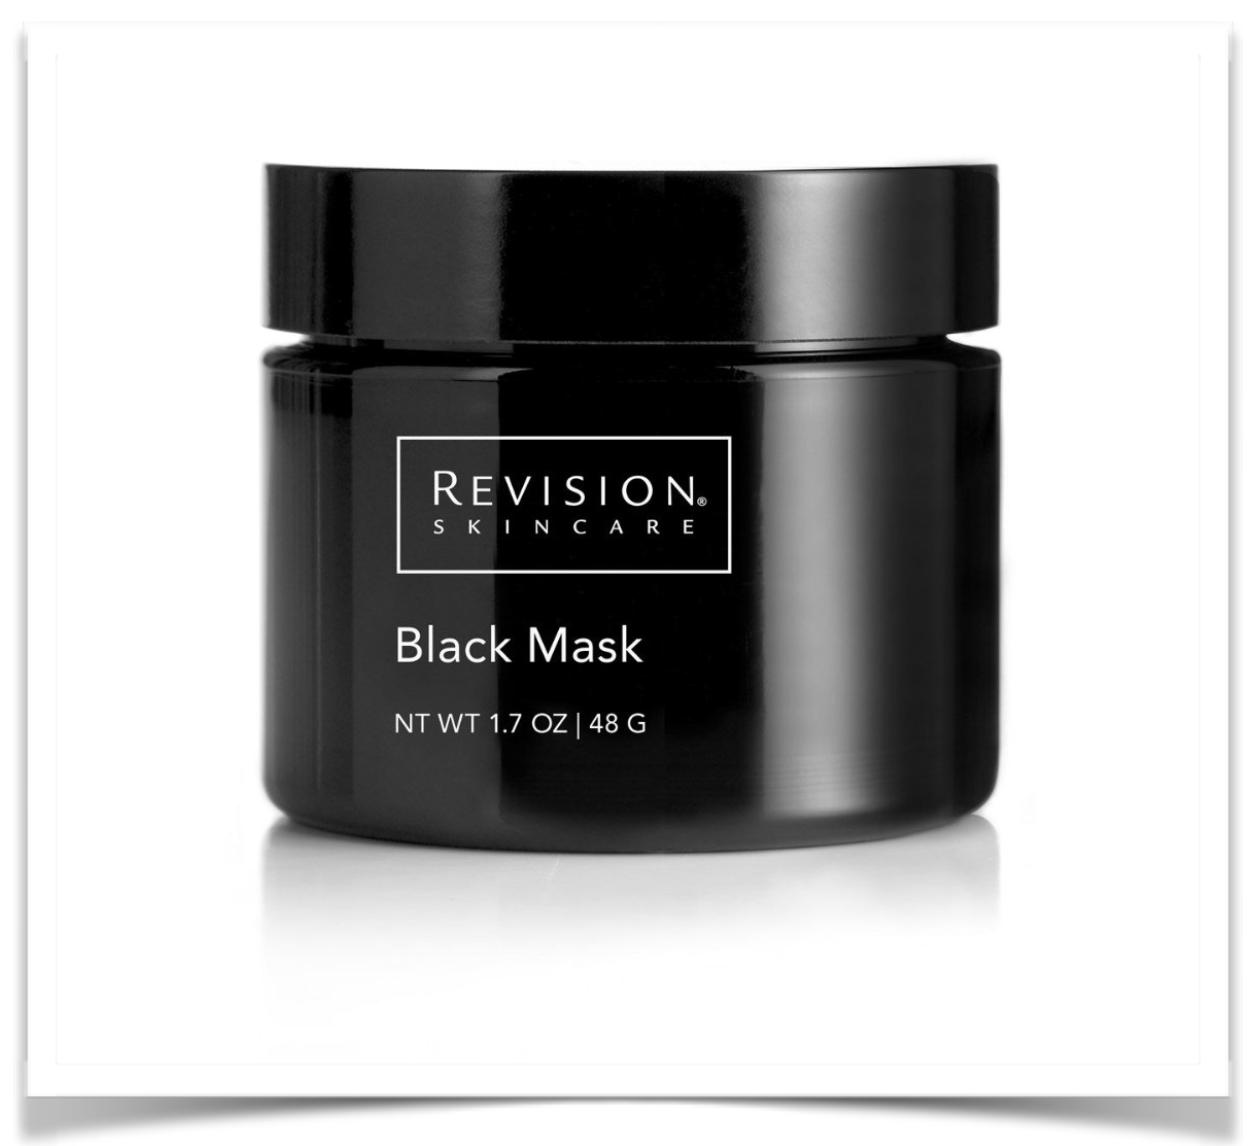 Revision Black Mask